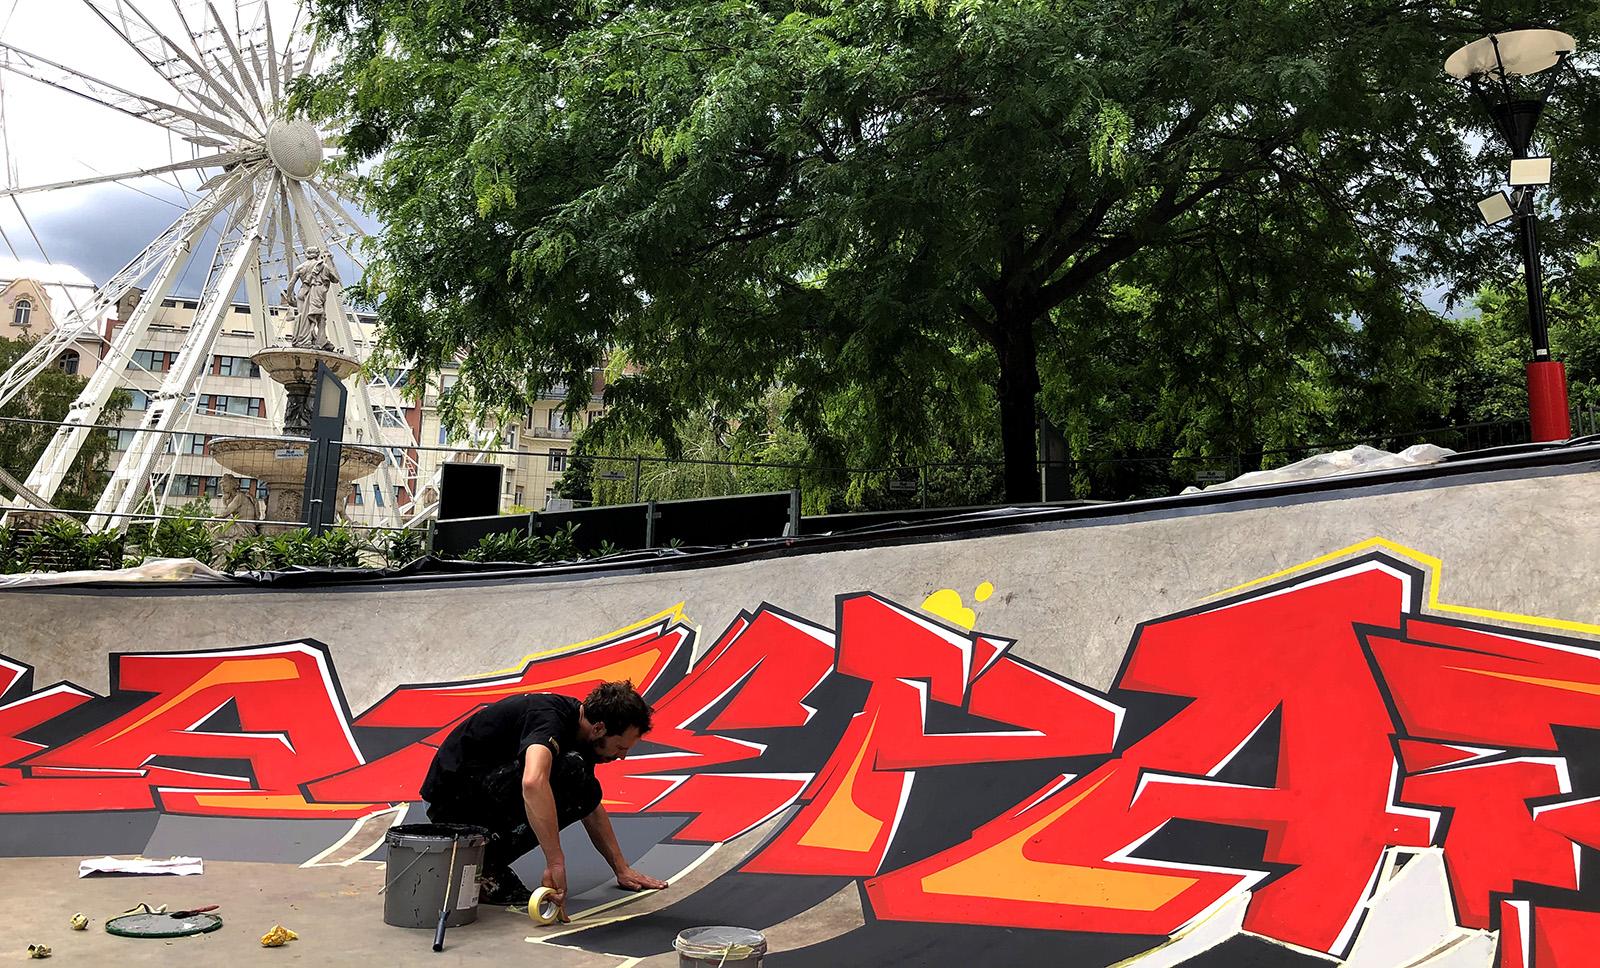 skatepark graffiti - neopaint works